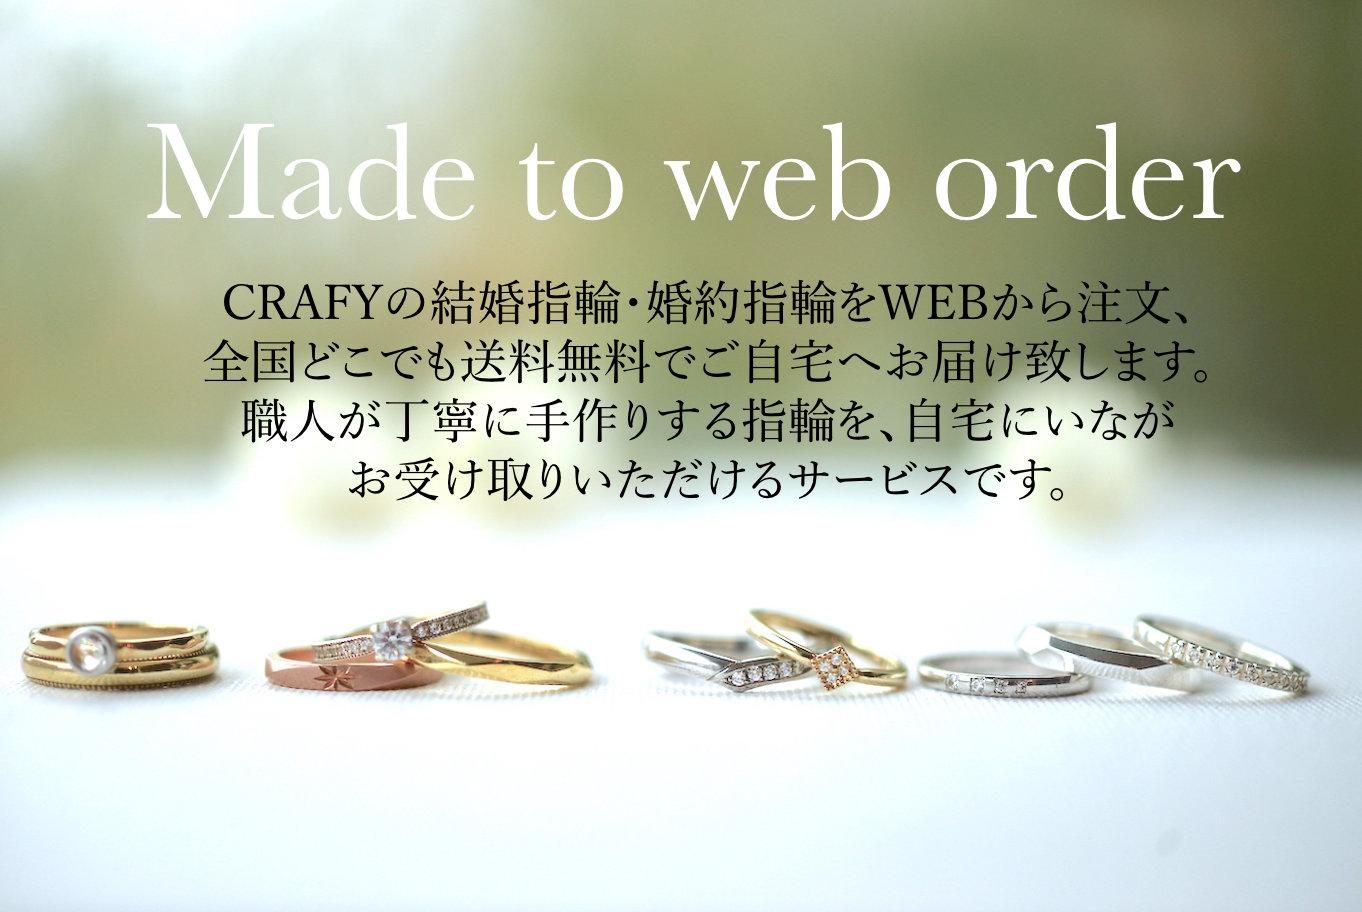 結婚指輪・婚約指輪をWEBから注文